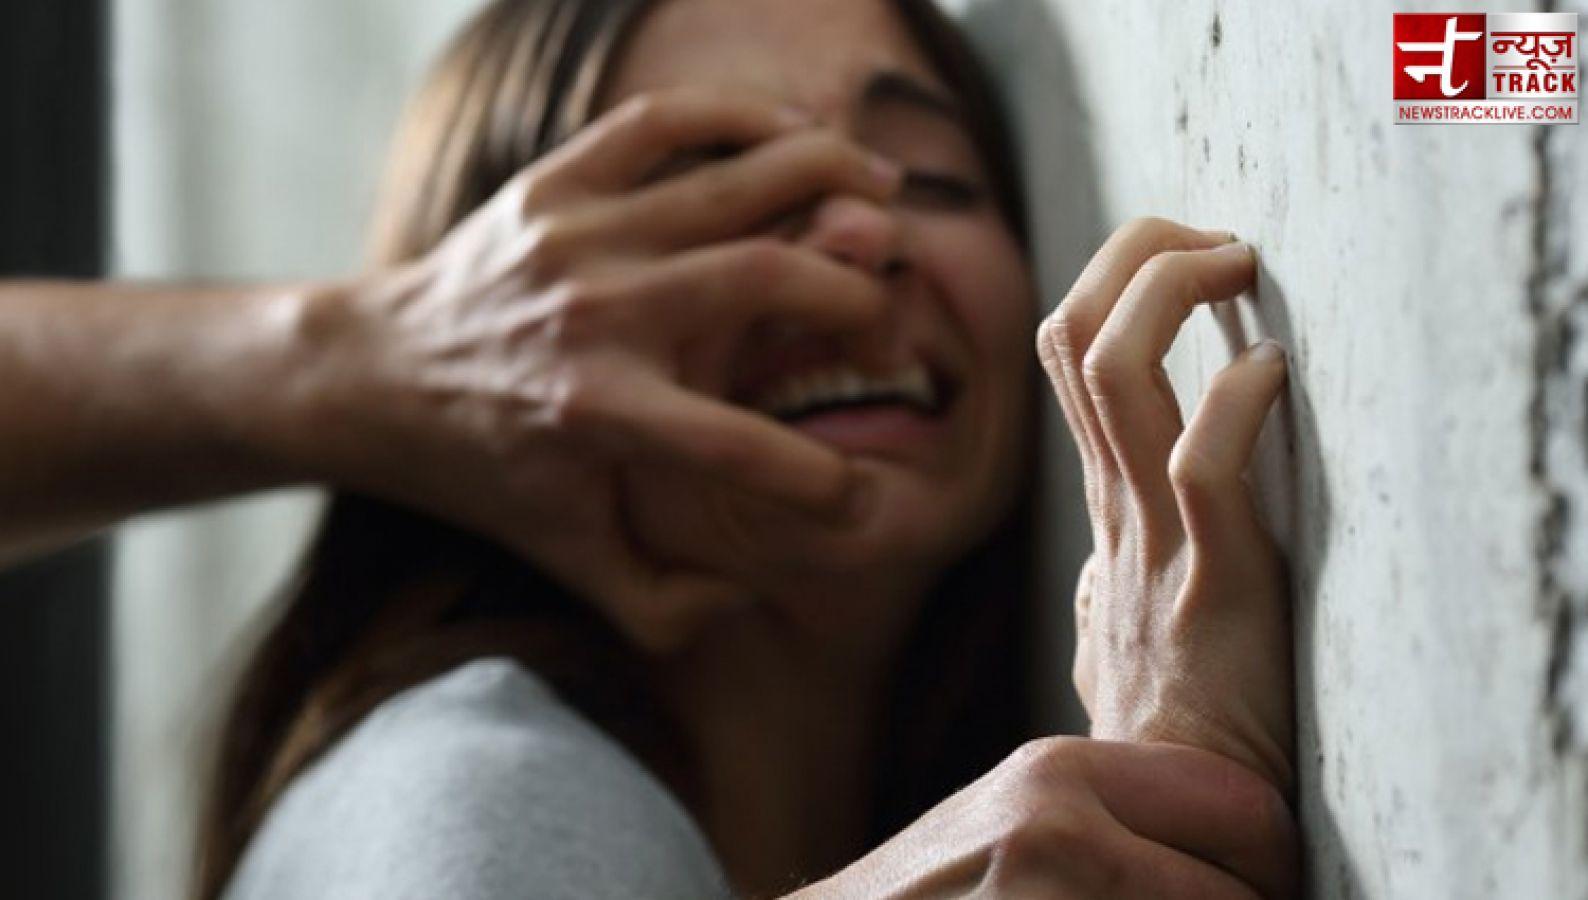 6 दिनों तक मौसेरे भाई ने किया बलात्कार और फिर...